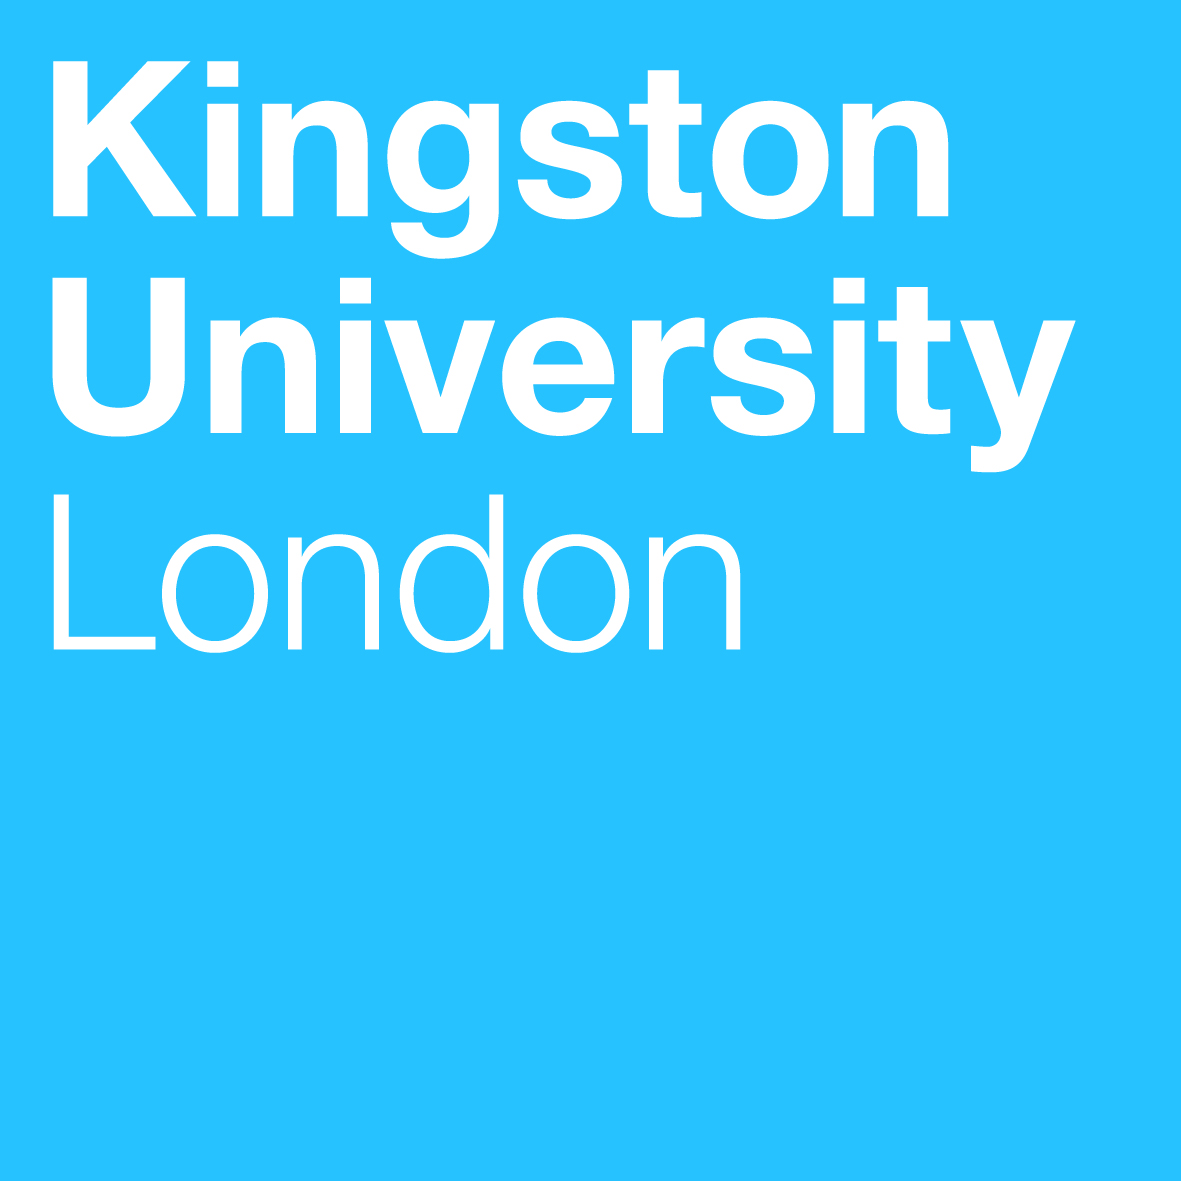 KINGSTON-UNIVERSITY-LOGO.jpg